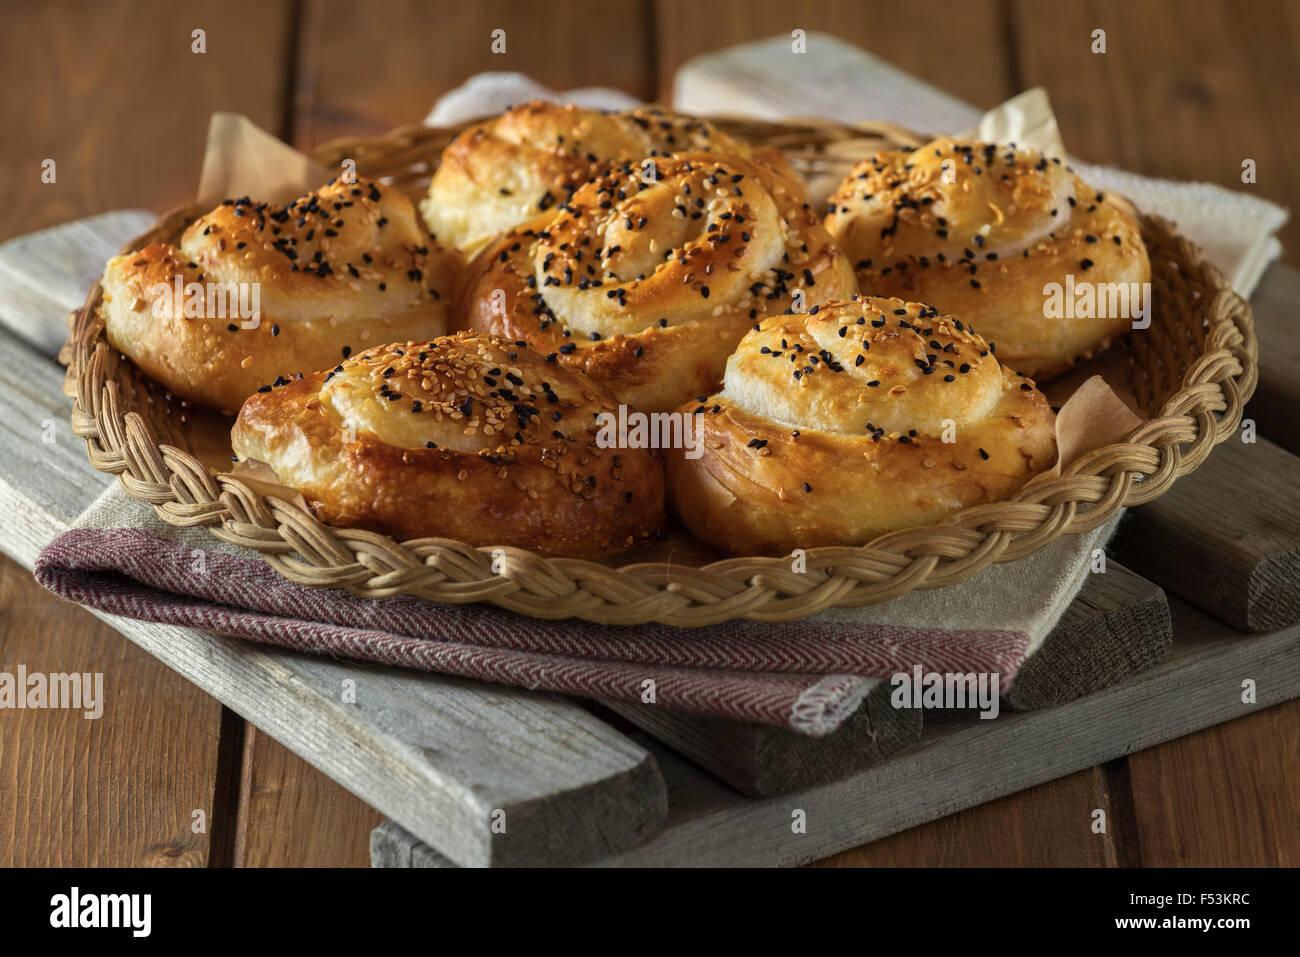 Bureks. Balkan baked filo pastry snack. - Stock Image